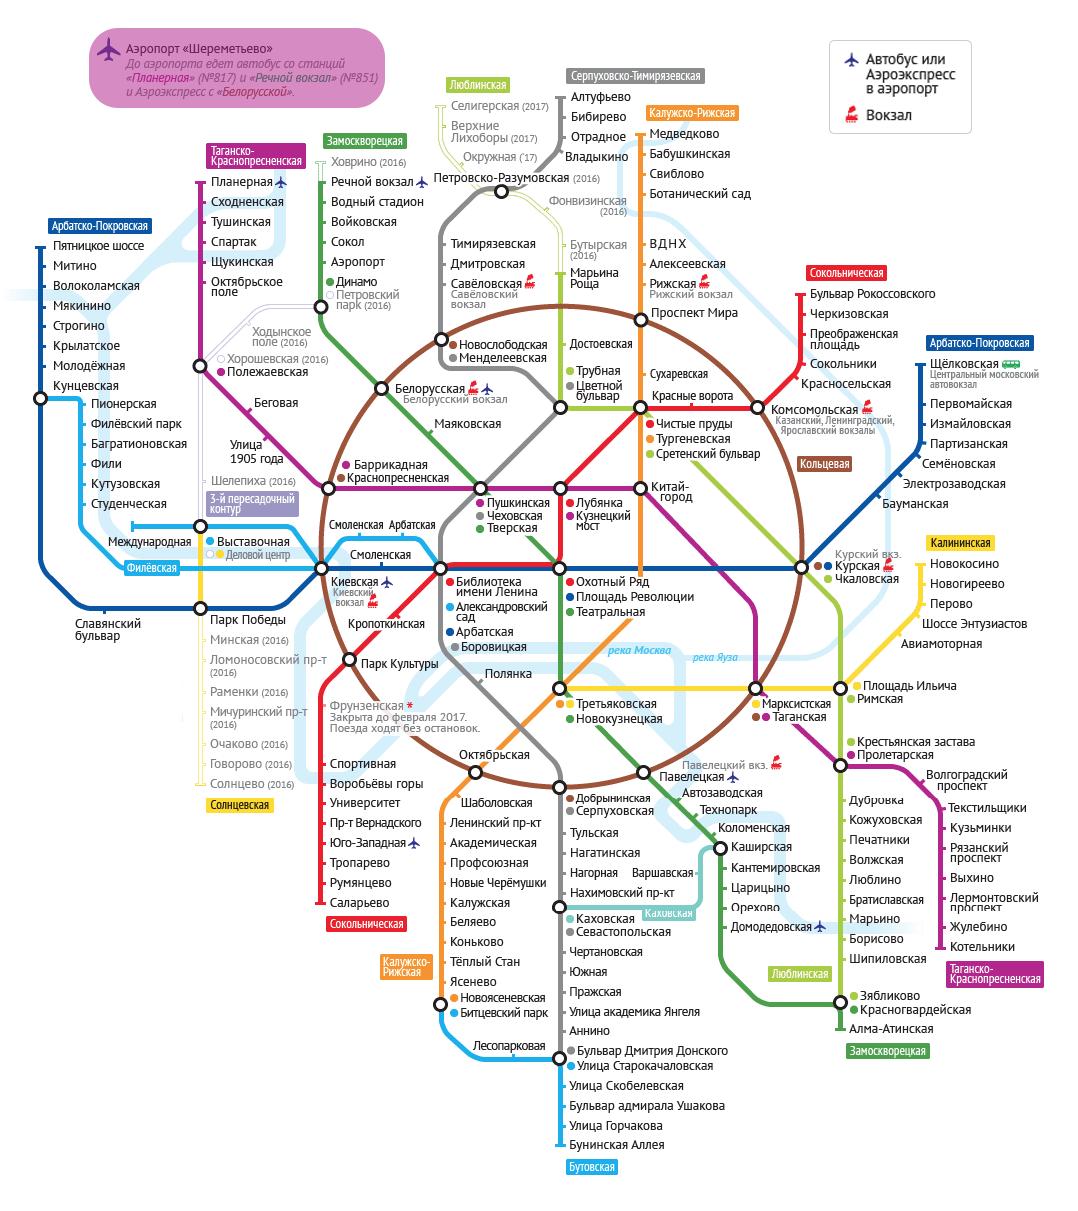 карта москвы с метро и аэропортами и вокзалами играть клубнику автоматы бесплатно кредит 5000